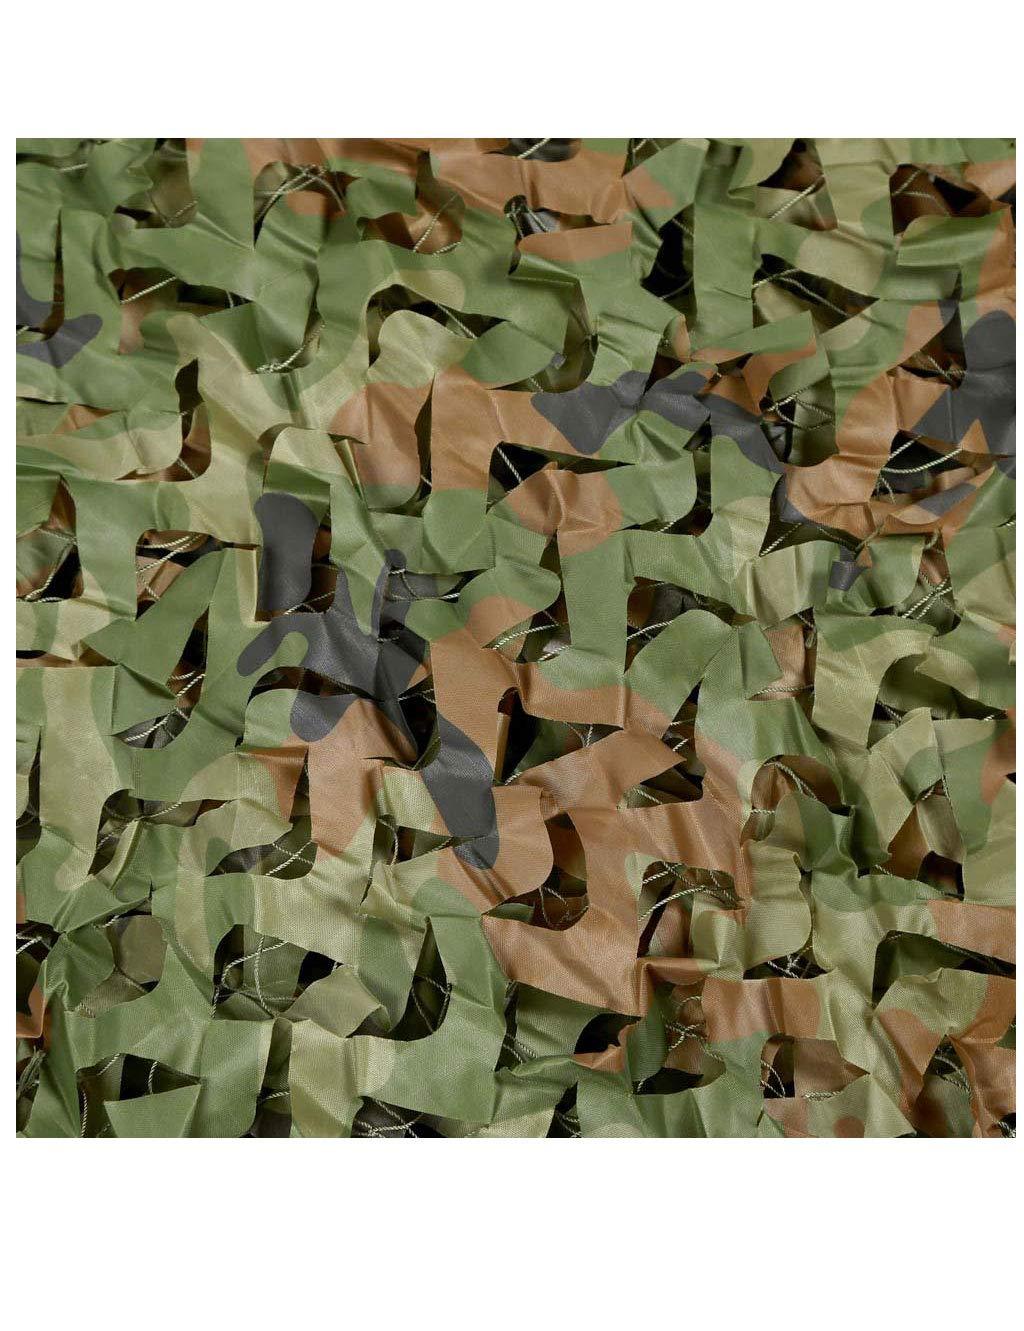 割引価格 迷彩ネット迷彩ネット野外活動釣り映画ツリーハウス 10m×20m)、すべての色 camouflage B07NY8SFJD 特別な日焼け止めネット森林狩猟撮影キャンプ日焼け止めネット隠し (色 : Three-color printing, サイズ さいず : 10m×20m) B07NY8SFJD Jungle camouflage 10m×20m 10m×20m|Jungle camouflage, 白衣のおおぎや:b6076fcb --- turtleskin-eu.access.secure-ssl-servers.info